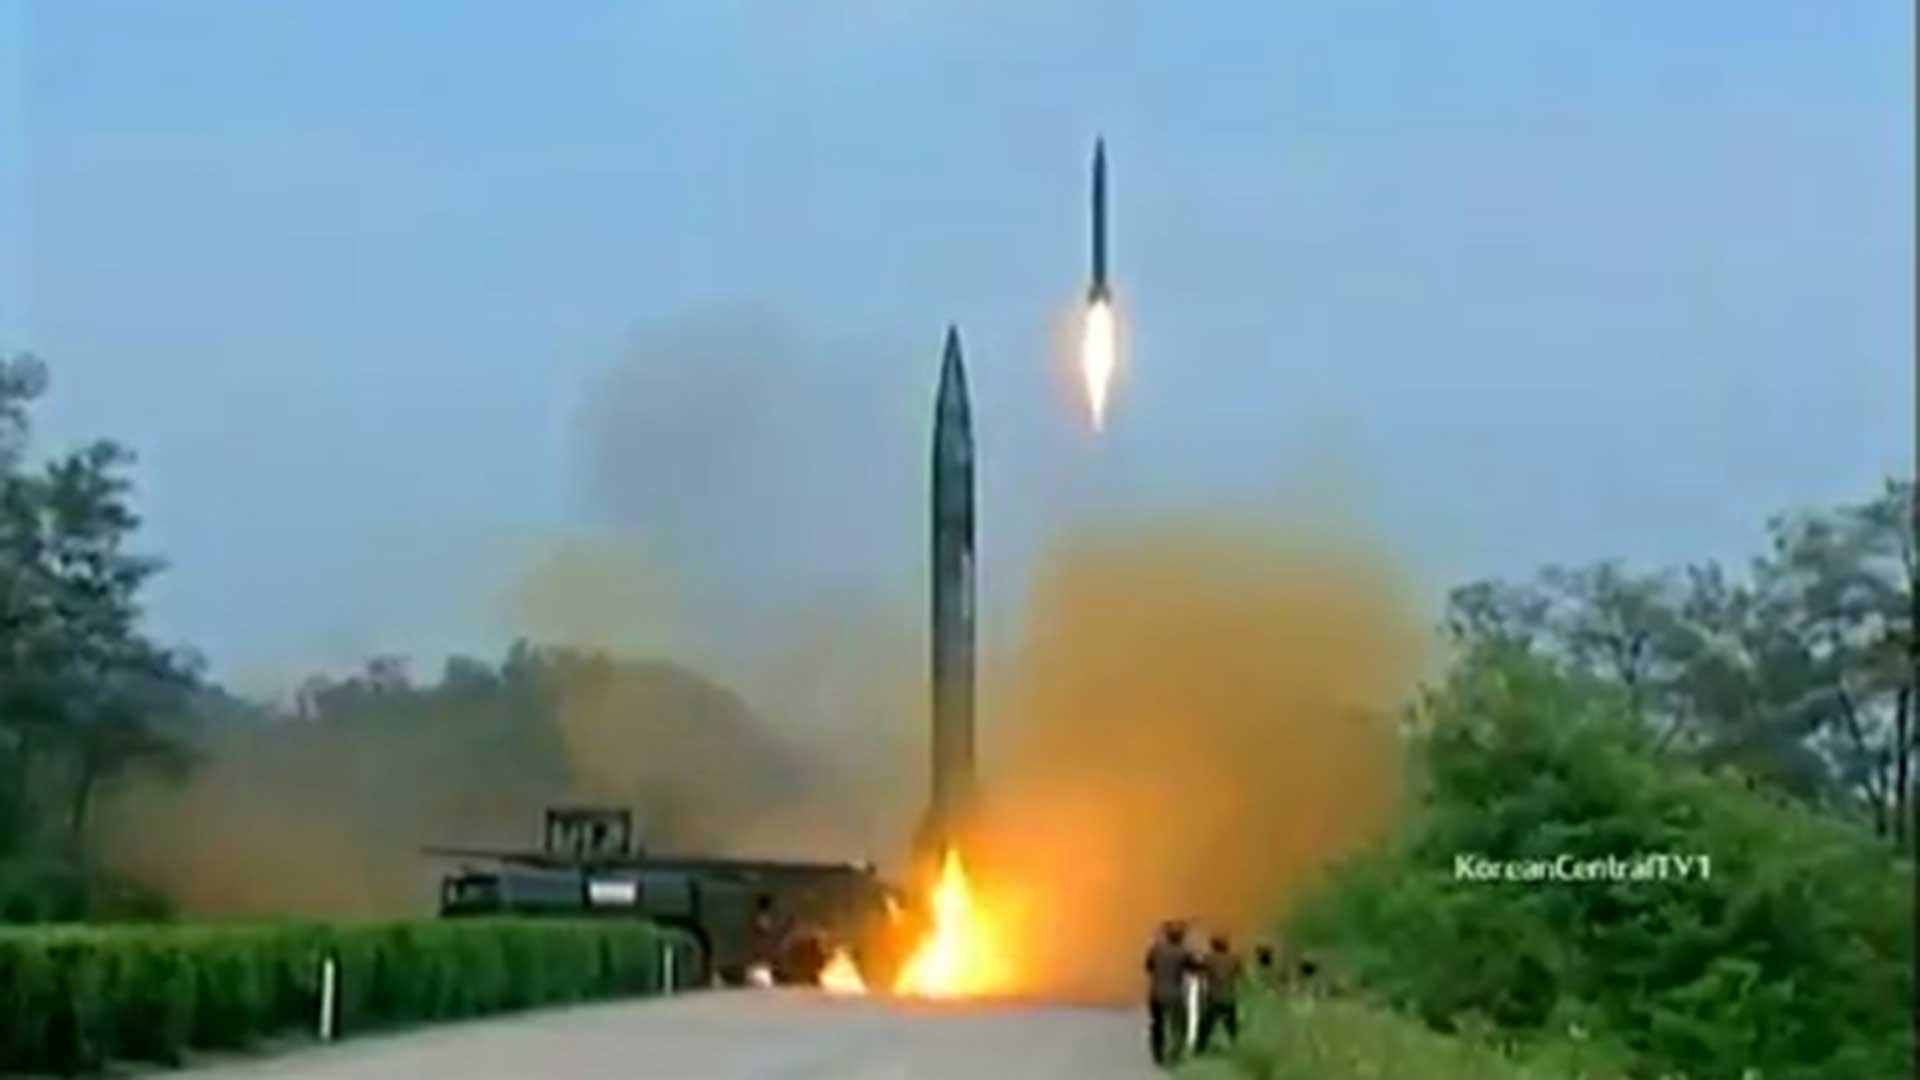 Al mismo tiempo, el país realizó pruebas de misiles capaces de llevar los artefactos nucleares